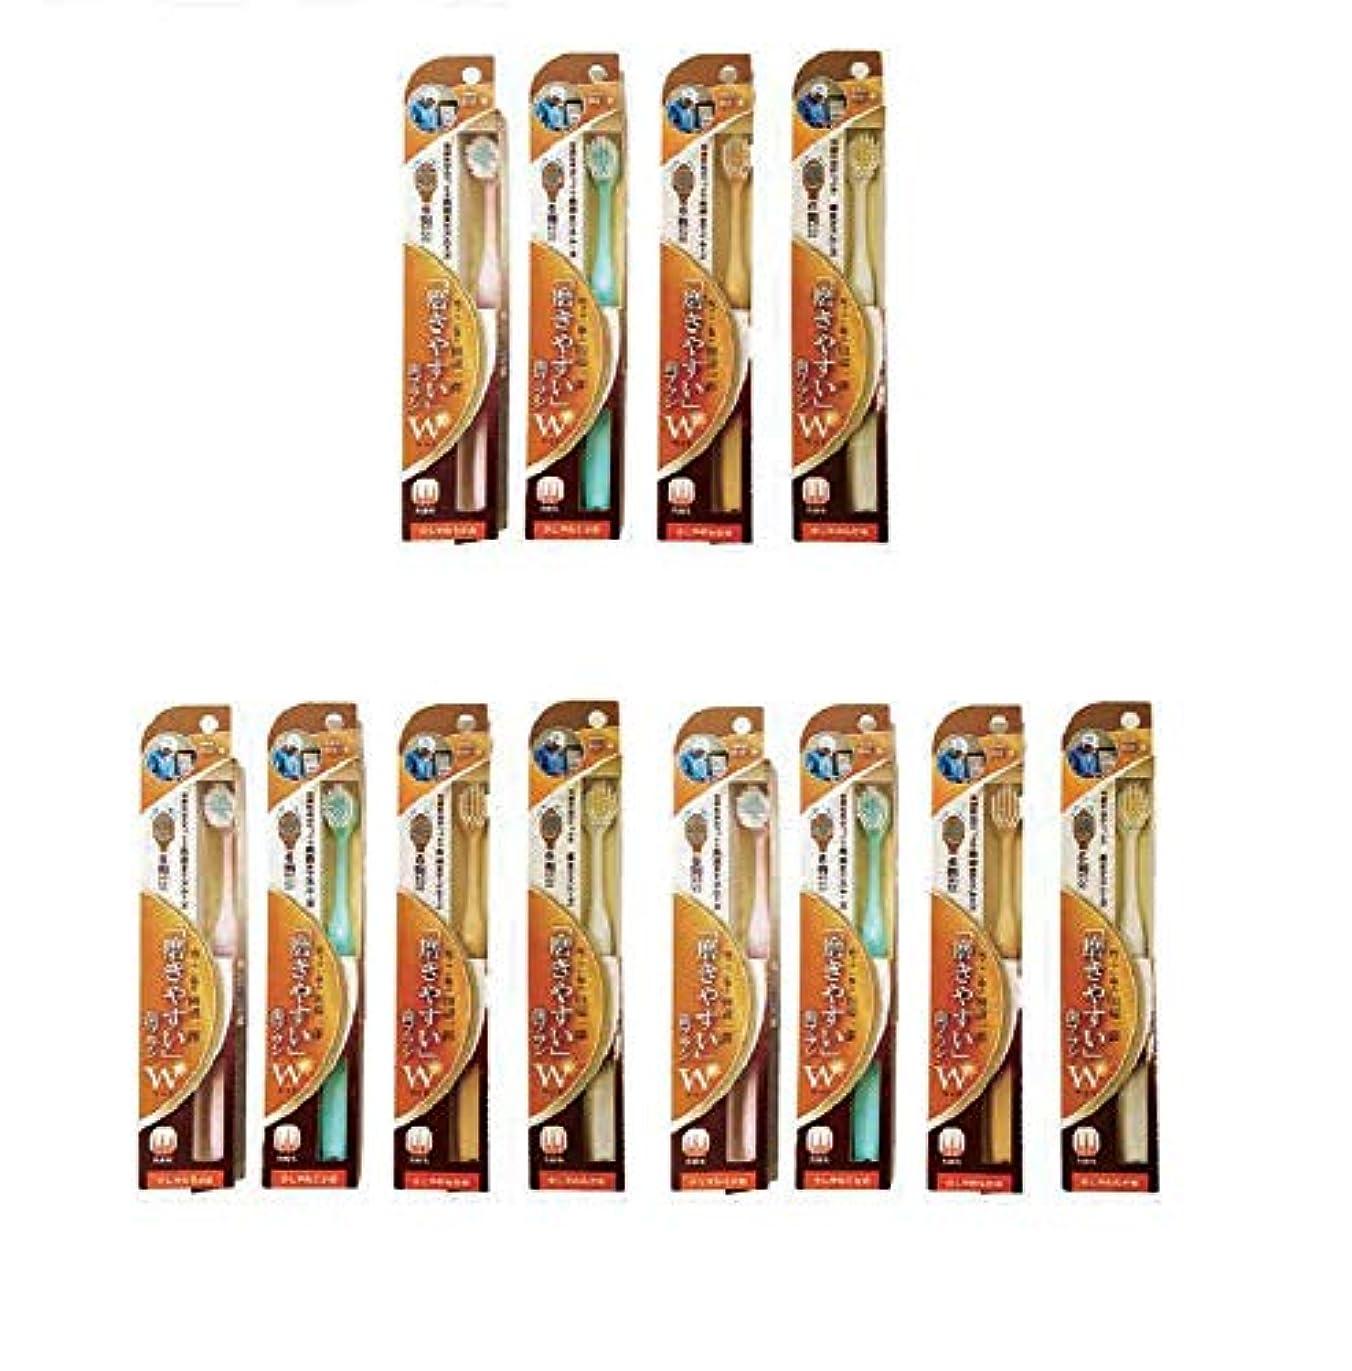 ファントム政府再発するライフレンジ 磨きやすい歯ブラシ 6列ワイドタイプ(少しやわらかめ) LT-46×12本セット